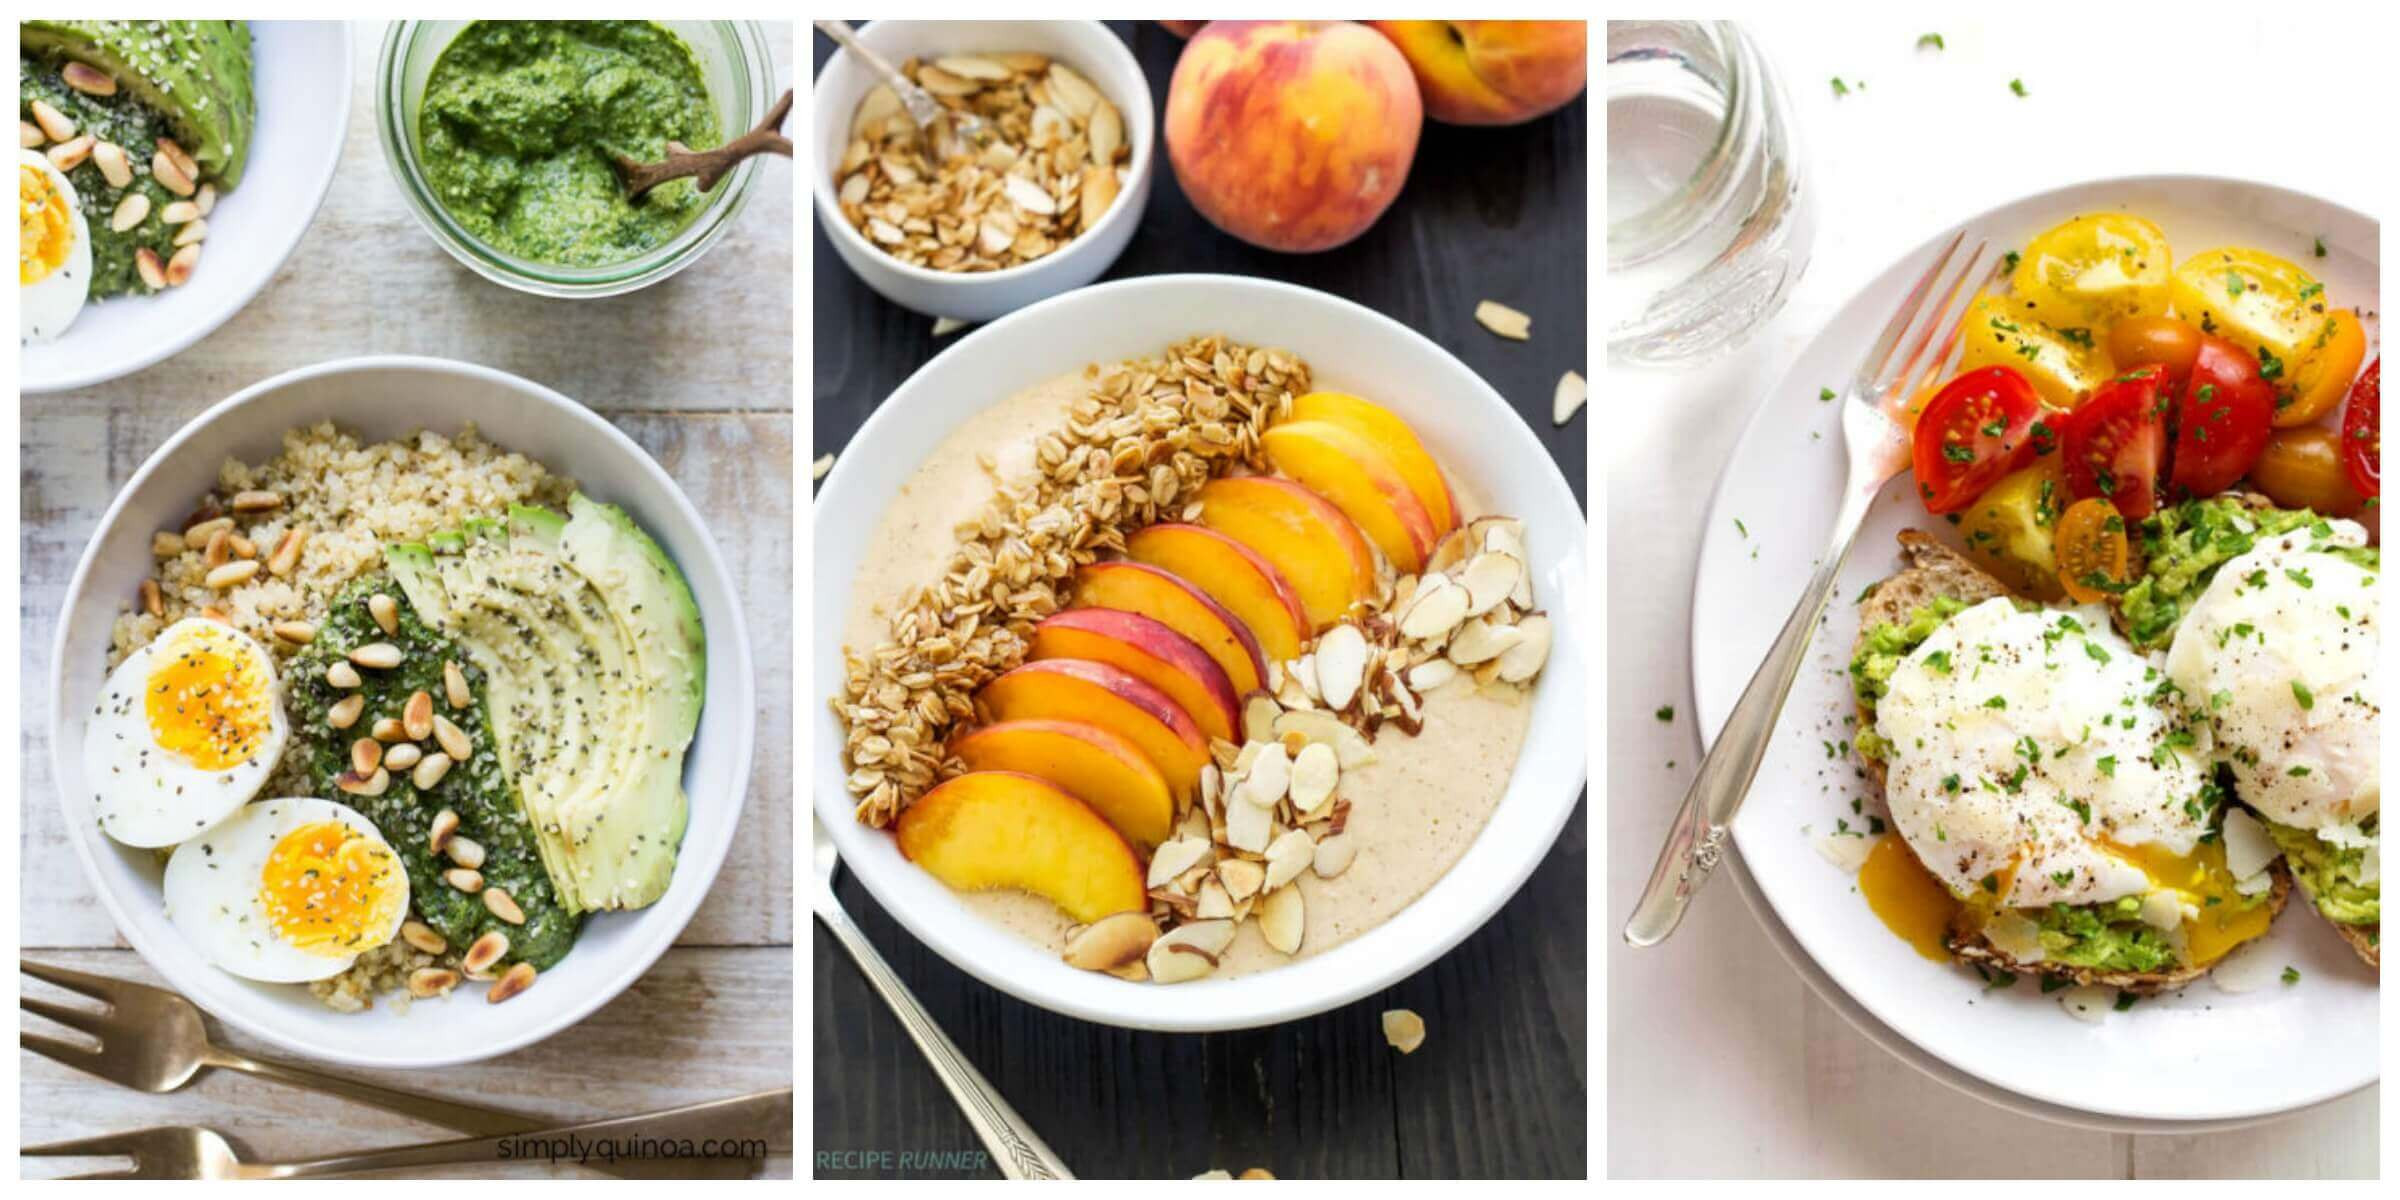 Healthy Foods For Breakfast  Healthy Breakfast Idea